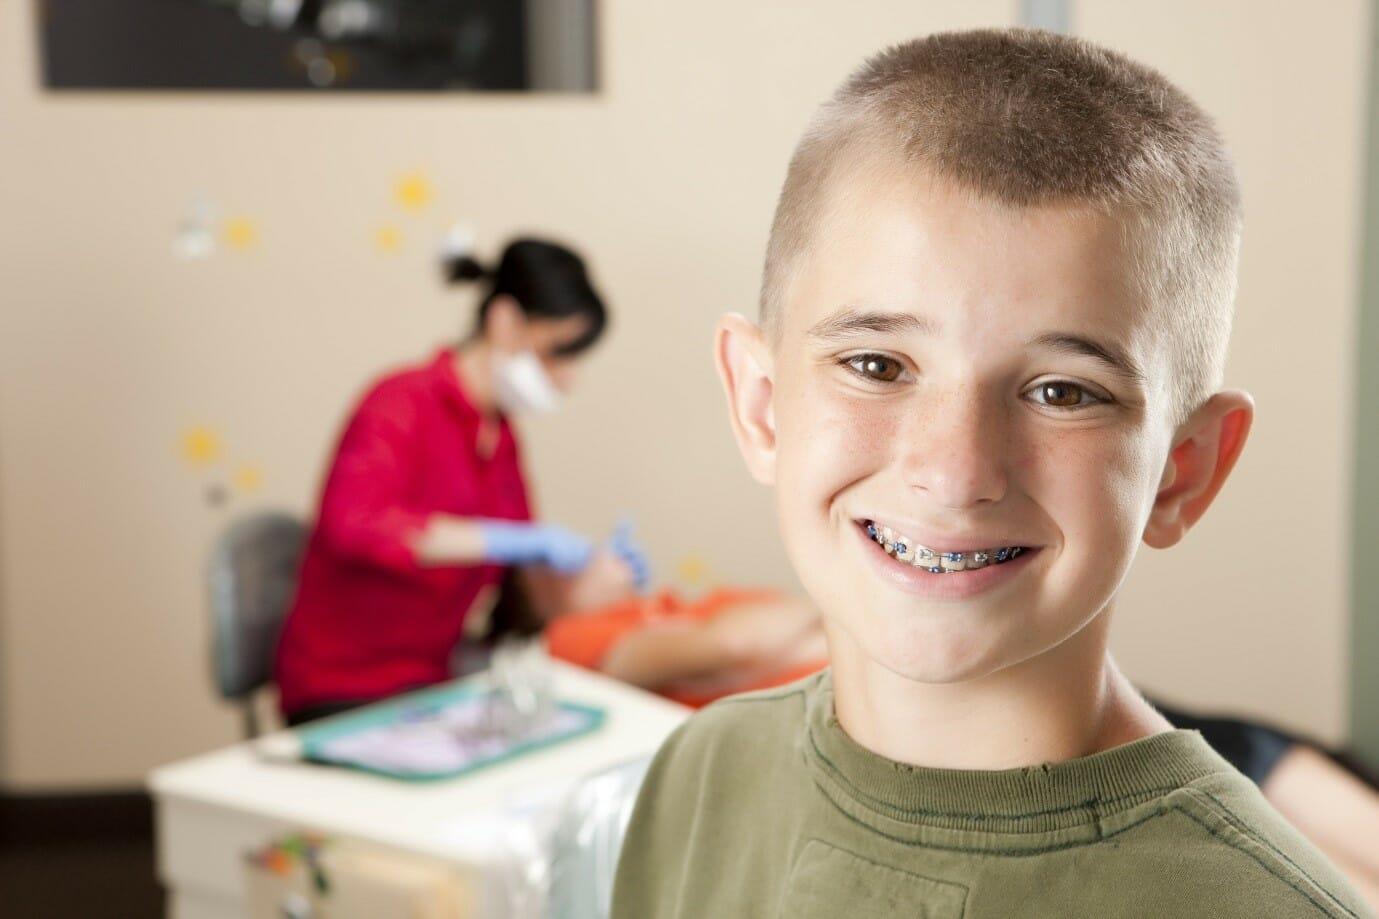 بهترین زمان برای انجام درمان ارتودنسی